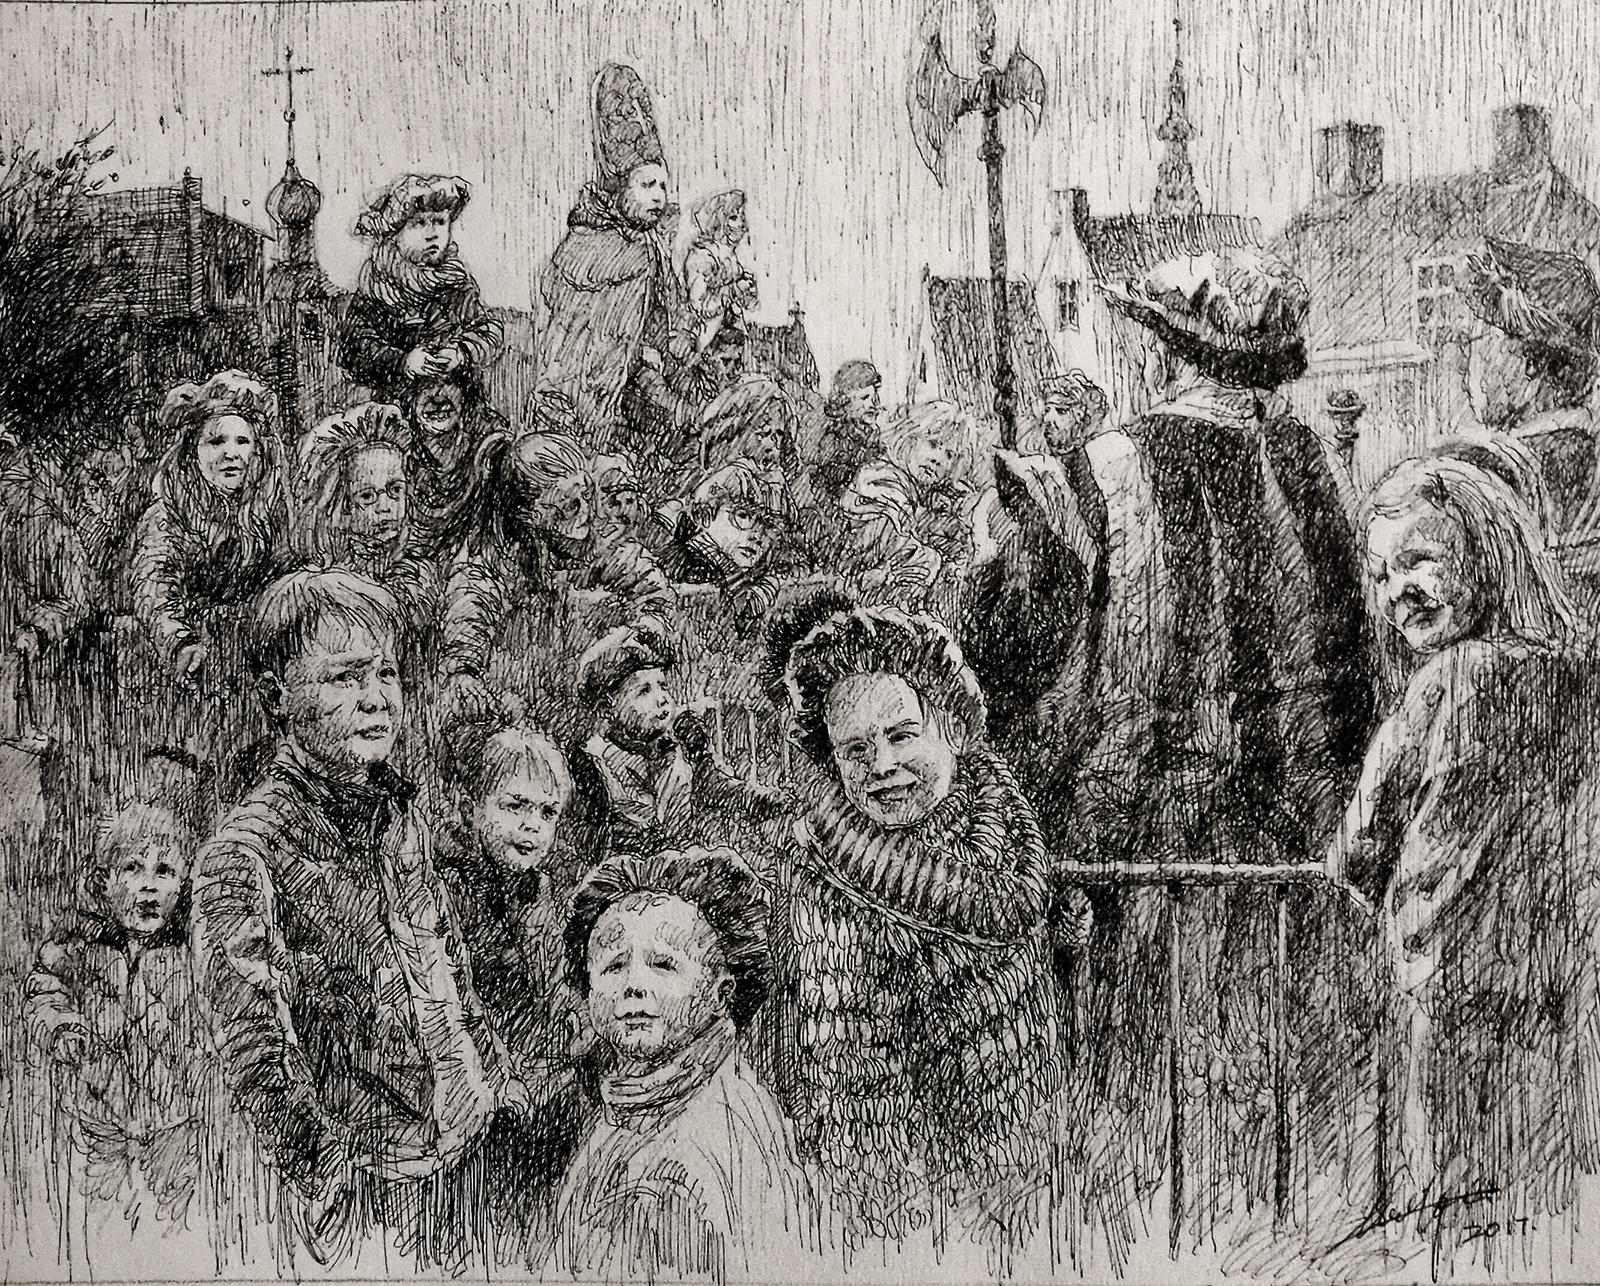 Waiting for Sinterklaas